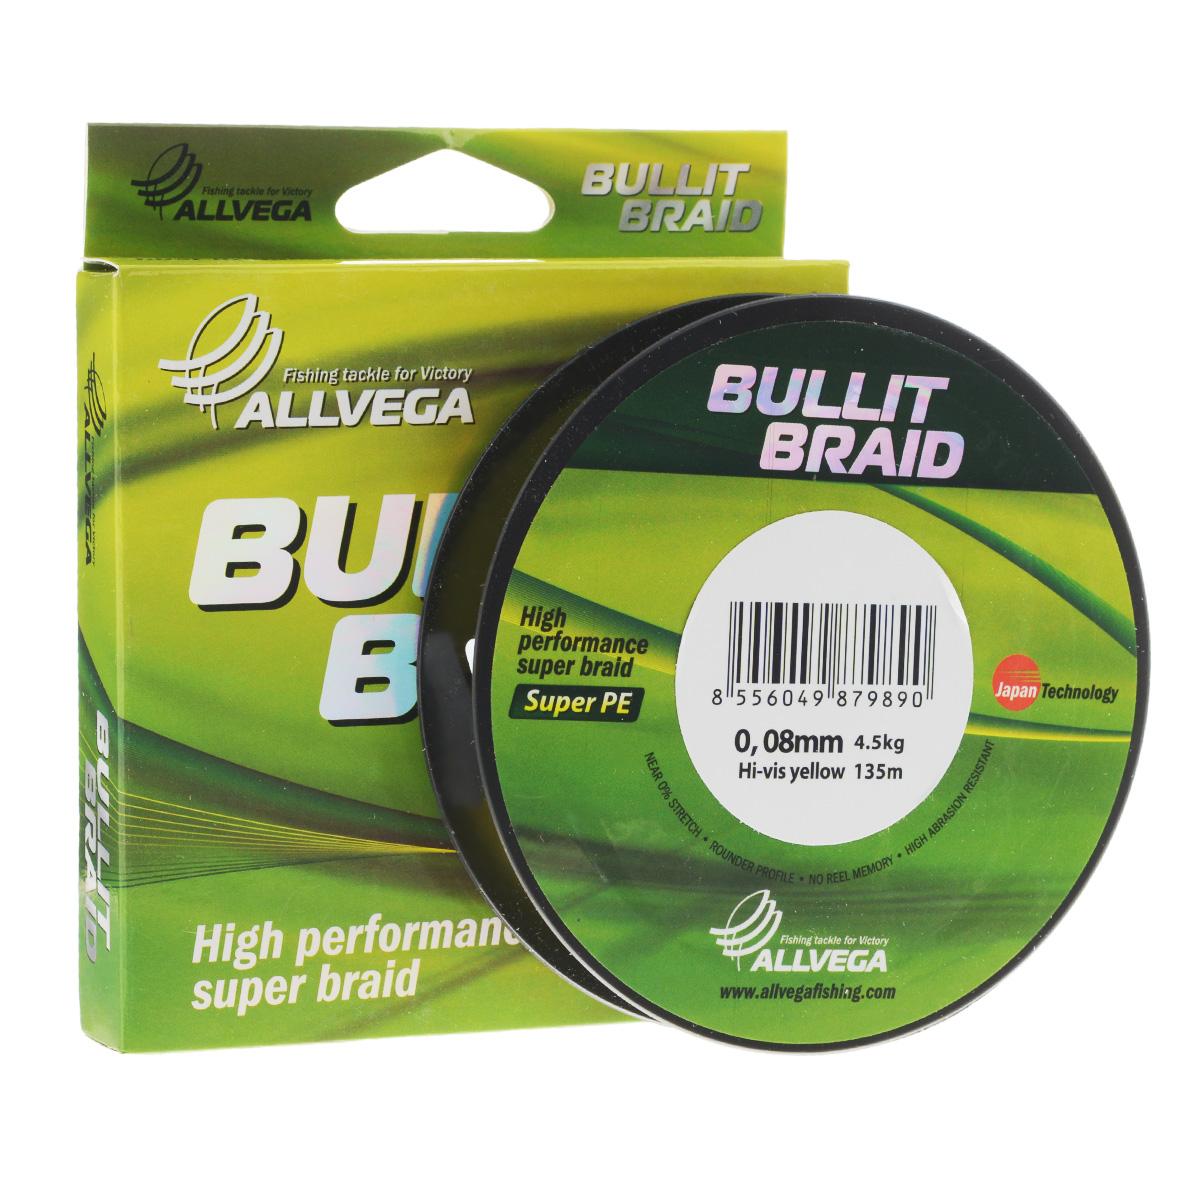 Леска плетеная Allvega Bullit Braid, цвет: ярко-желтый, 135 м, 0,08 мм, 4,5 кг31759Леска Allvega Bullit Braid с гладкой поверхностью и одинаковым сечением по всей длине обладает высокой износостойкостью. Благодаря микроволокнам полиэтилена (Super PE) леска имеет очень плотное плетение и не впитывает воду. Леску Allvega Bullit Braid можно применять в любых типах водоемов. Особенности: повышенная износостойкость; высокая чувствительность - коэффициент растяжения близок к нулю; отсутствует память; идеально гладкая поверхность позволяет увеличить дальность забросов; высокая прочность шнура на узлах.